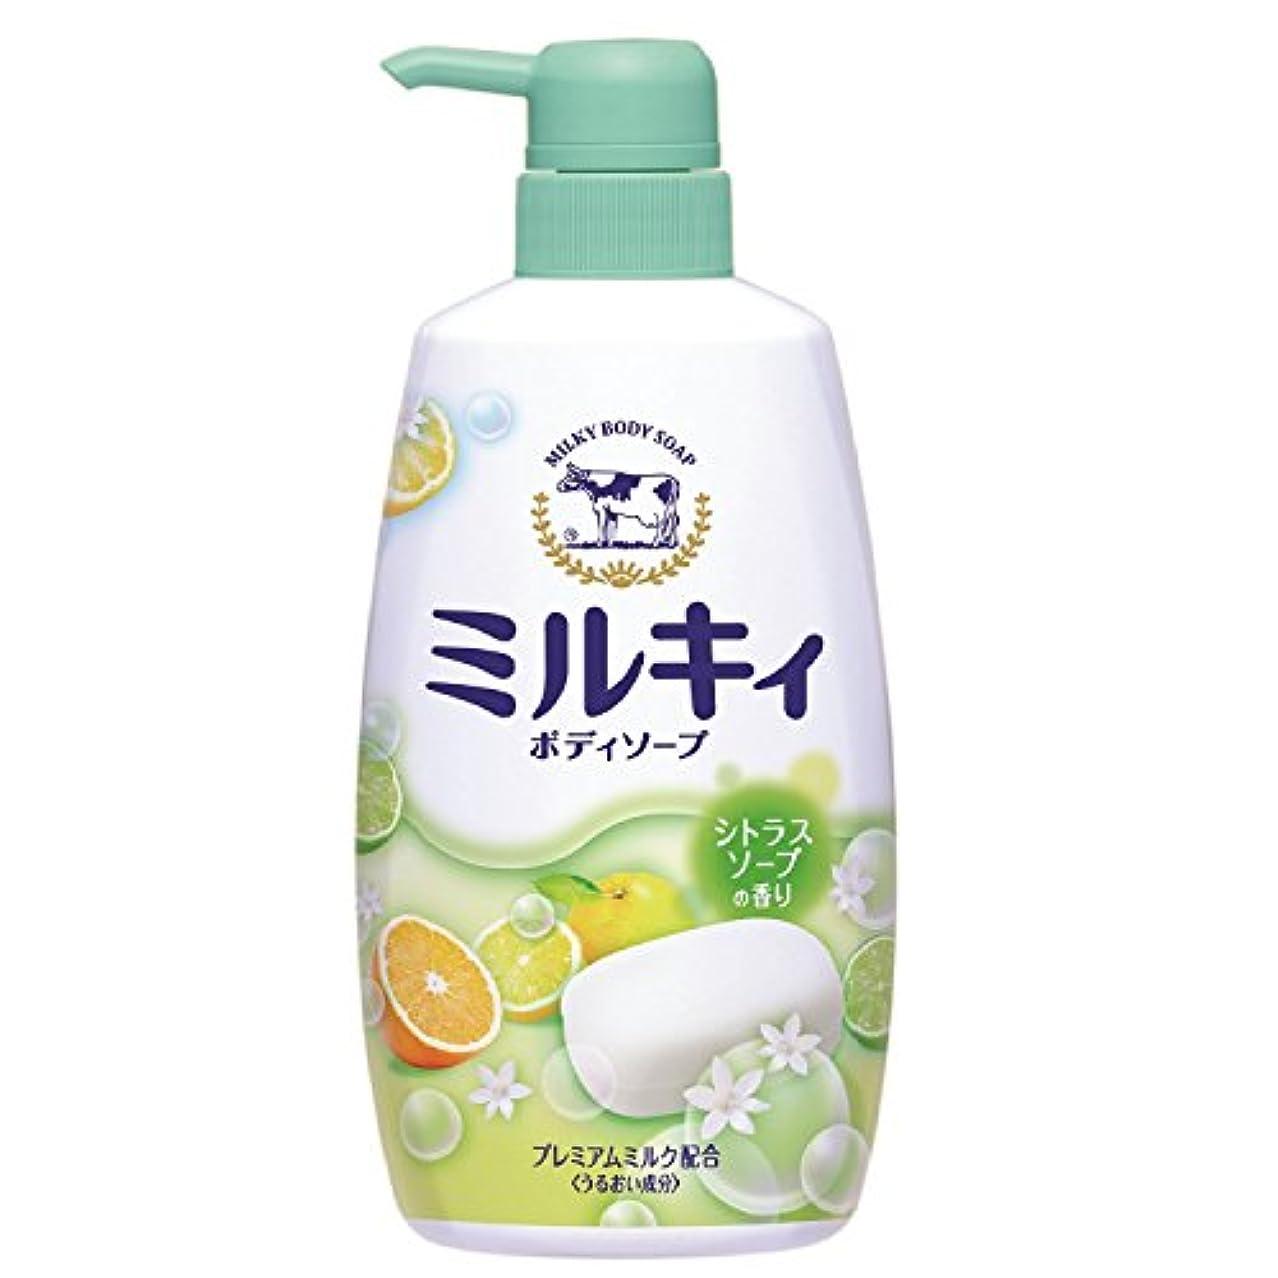 マーベル毒性険しいミルキィボディソープ シトラスソープの香り ポンプ 550mL